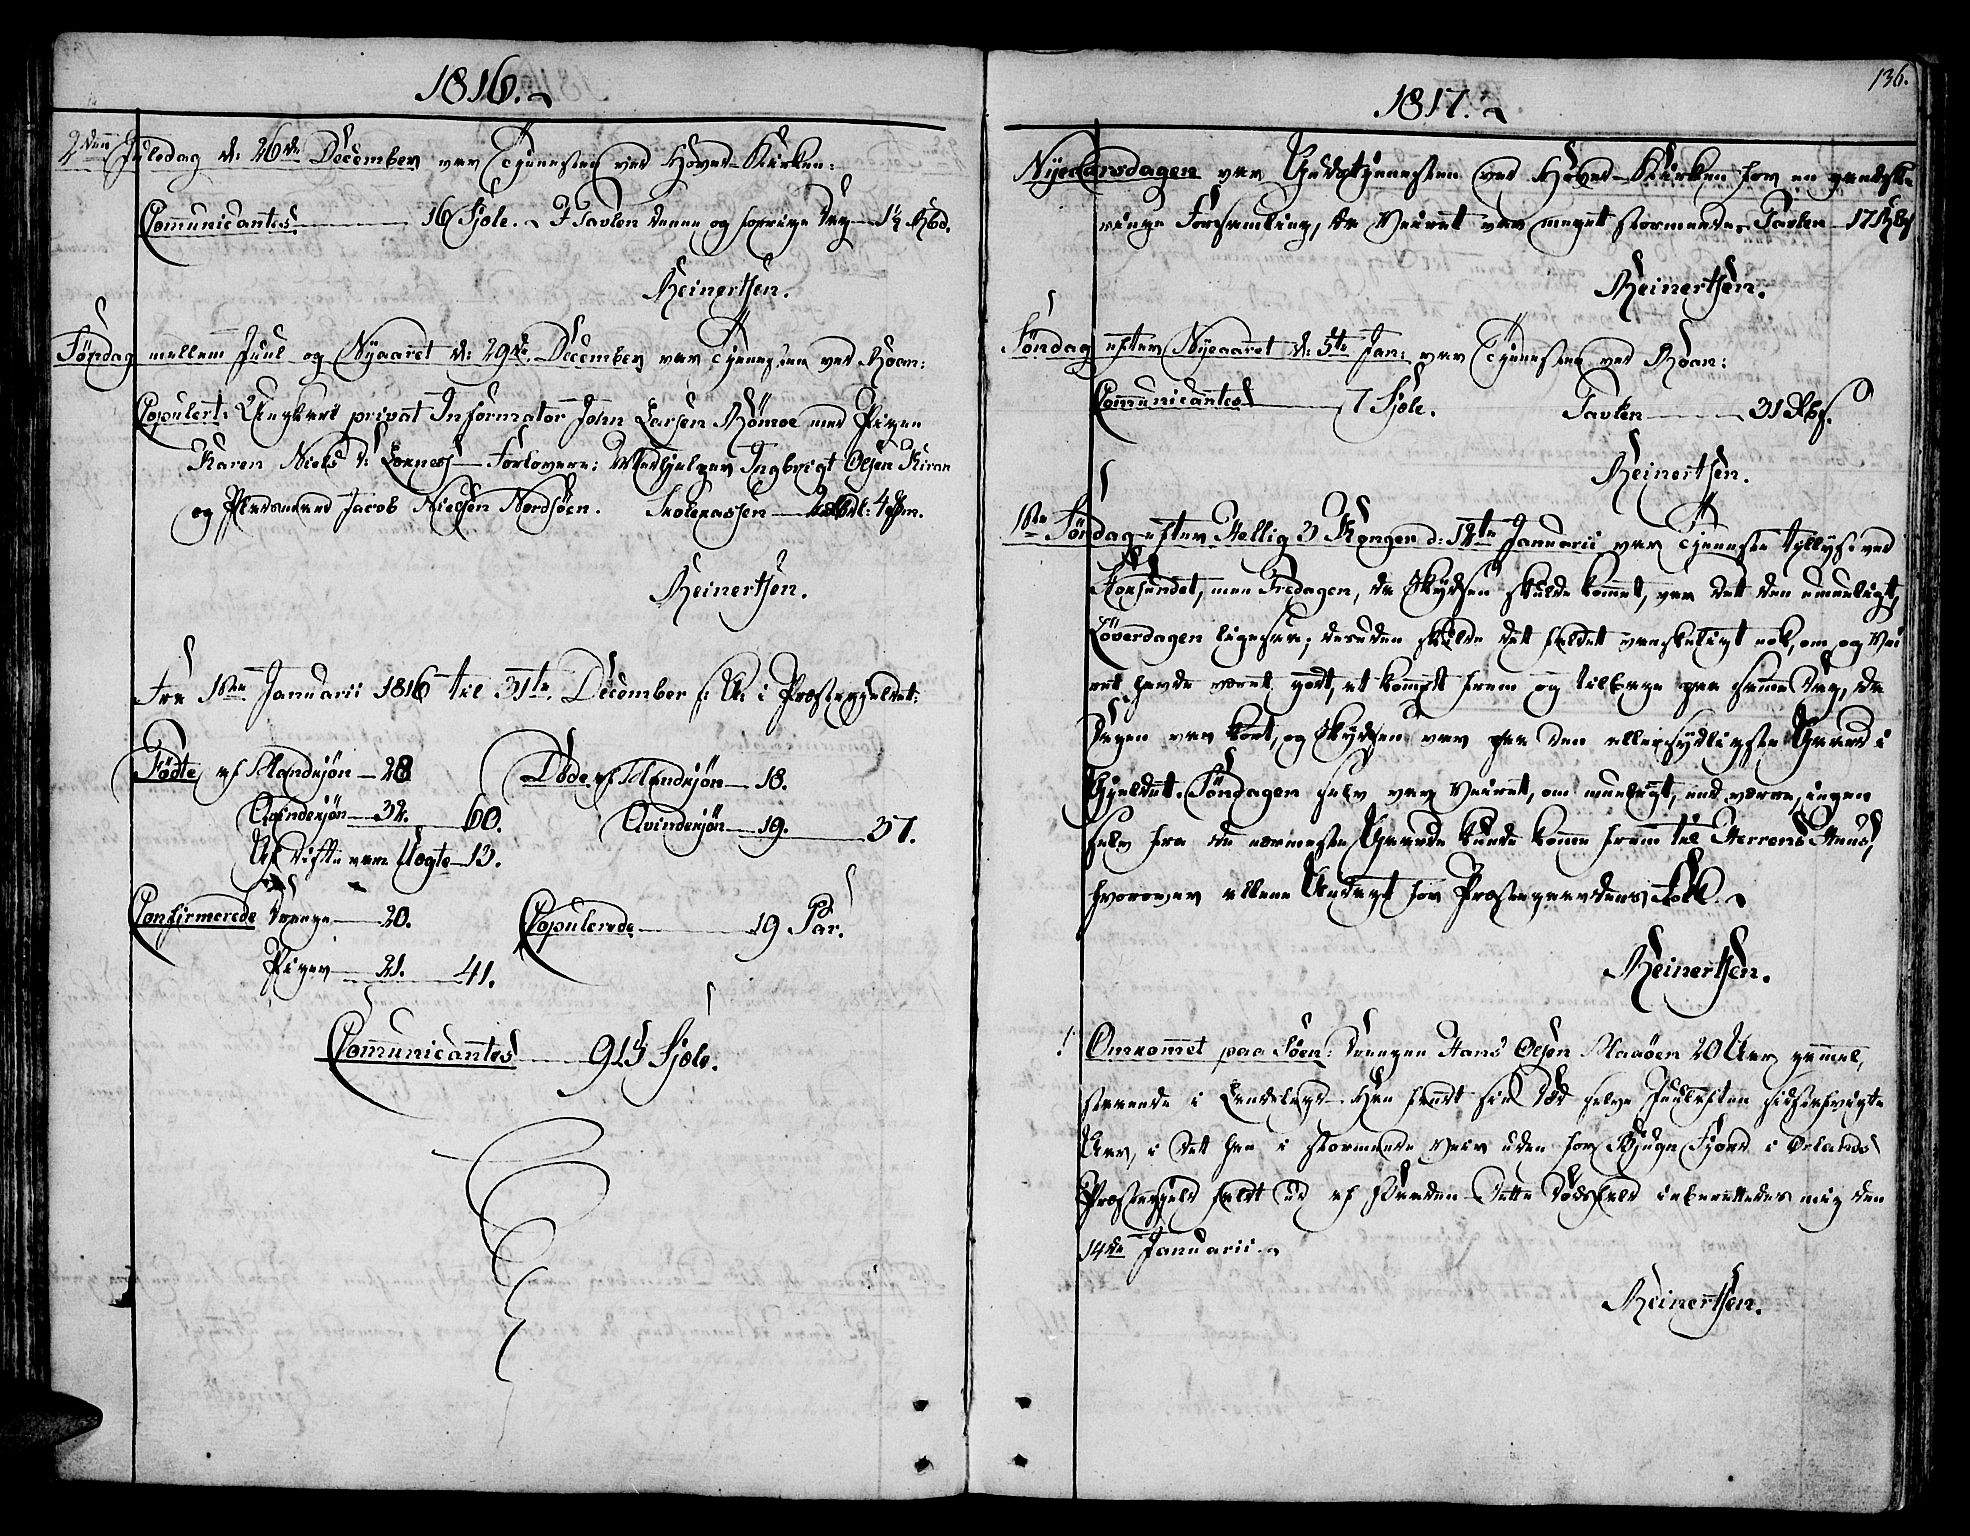 SAT, Ministerialprotokoller, klokkerbøker og fødselsregistre - Sør-Trøndelag, 657/L0701: Ministerialbok nr. 657A02, 1802-1831, s. 136